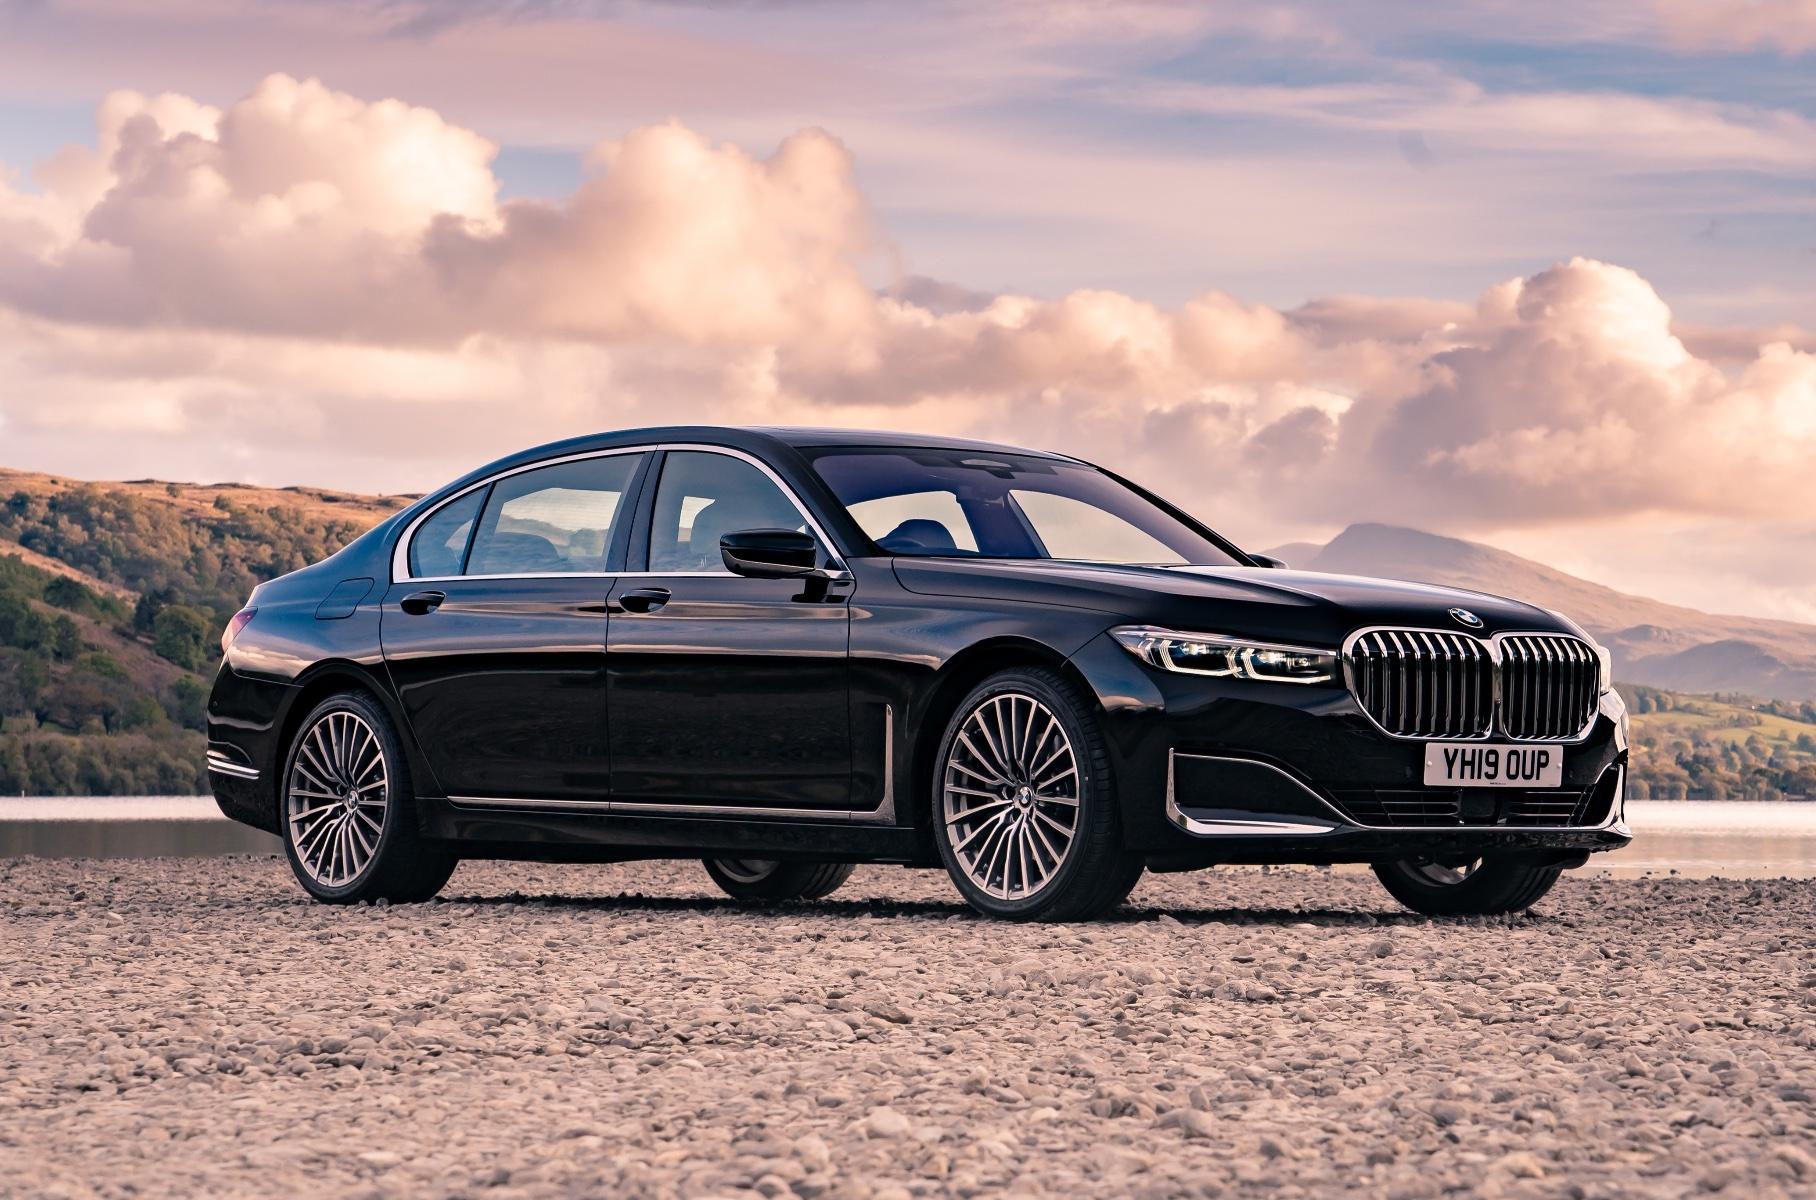 Дизельная BMW 7 серии проехала 1450 километров на одном баке